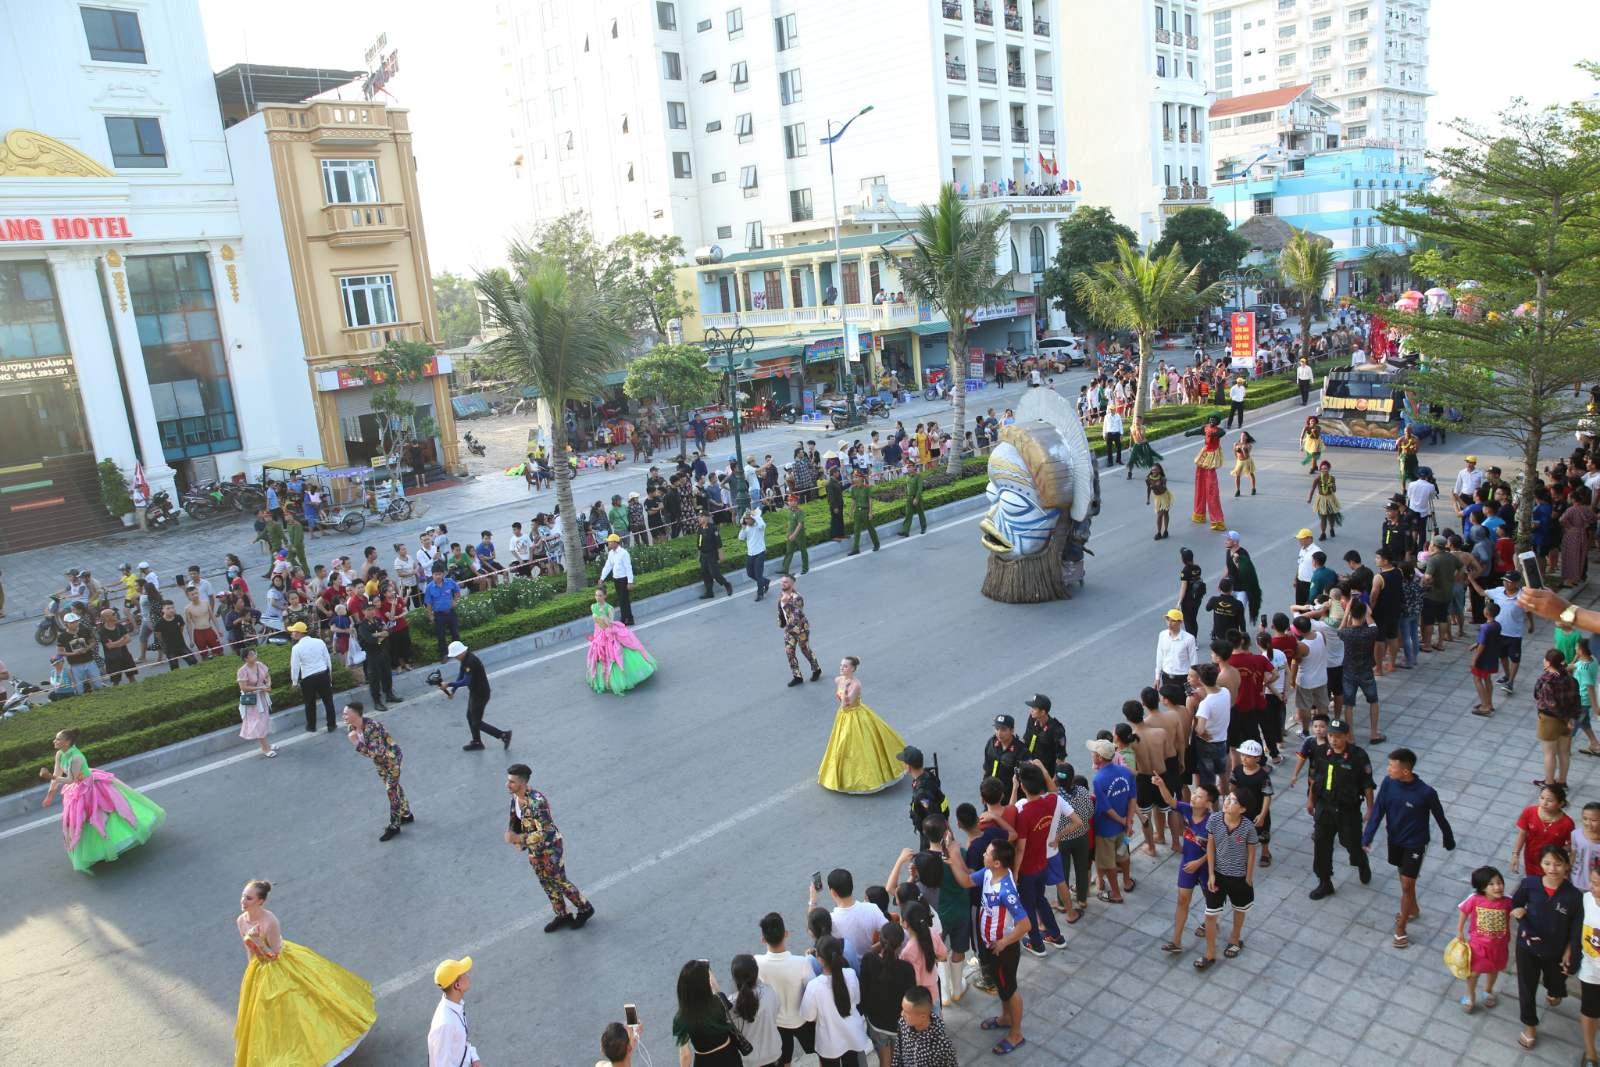 Sầm Sơn tưng bừng với Lễ hội Carnival đường phố